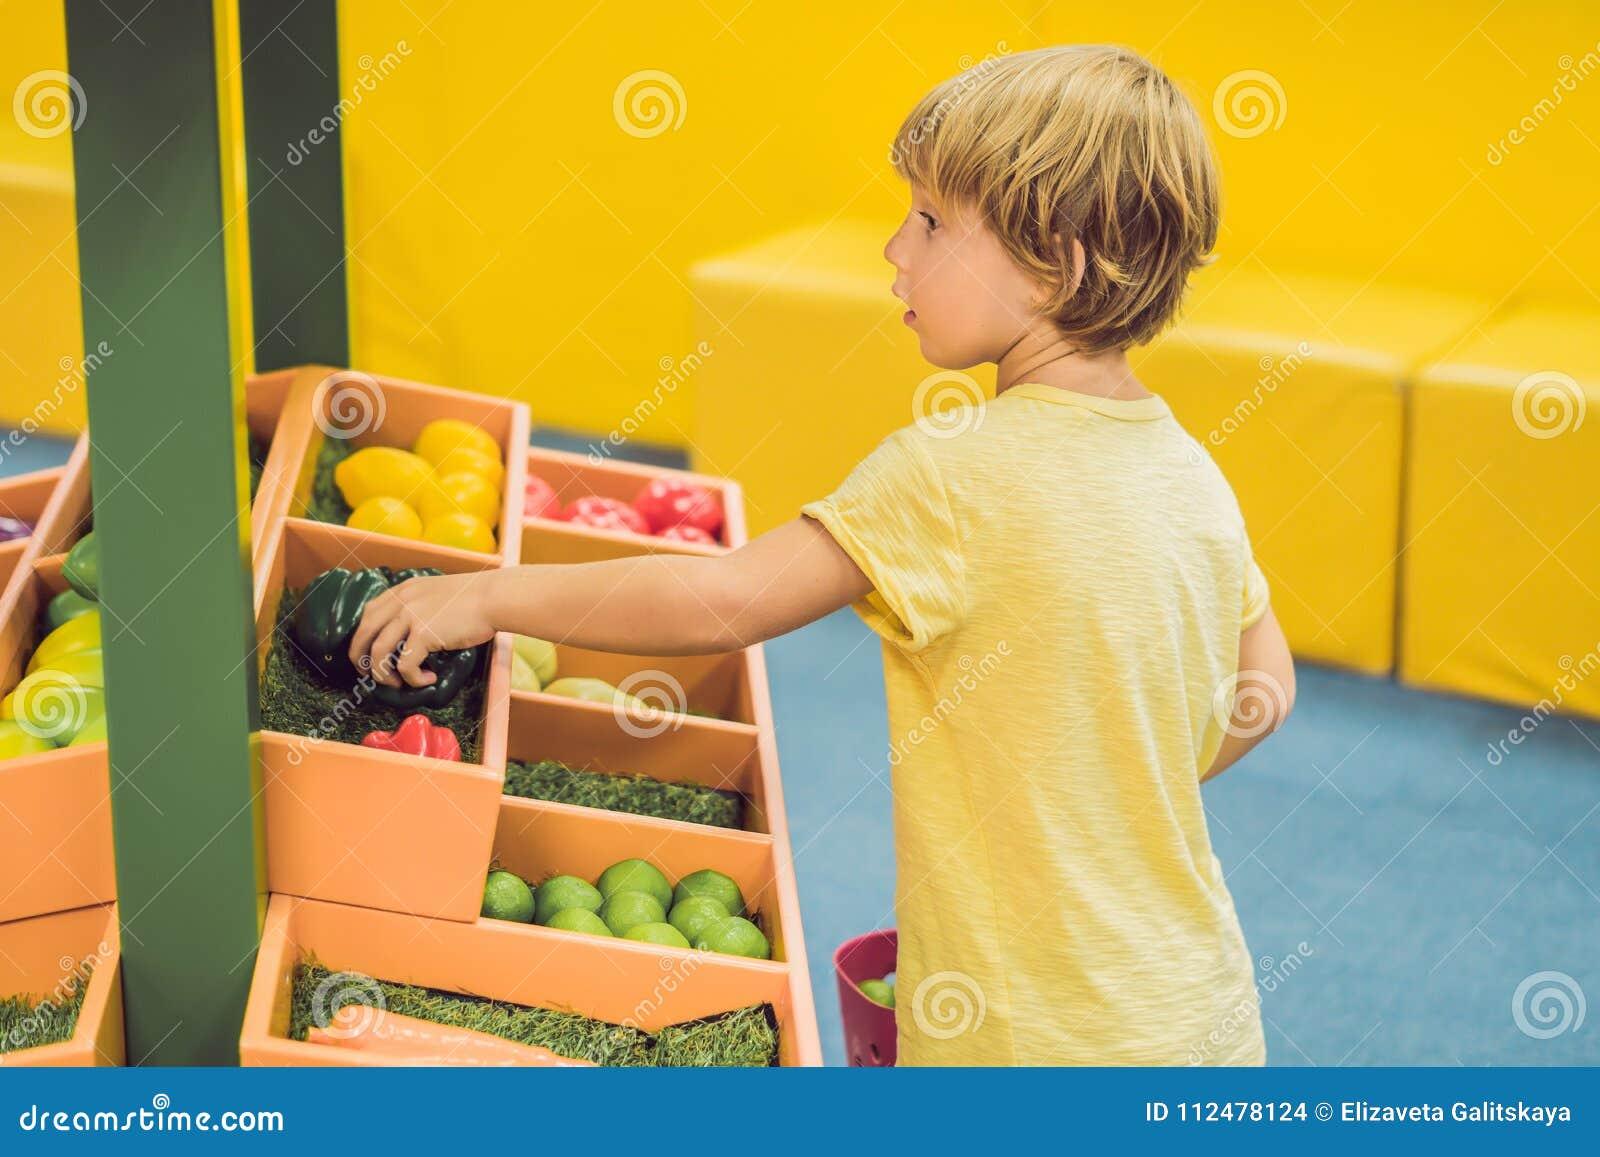 En pojke köper leksakgrönsaker i en leksaksupermarket